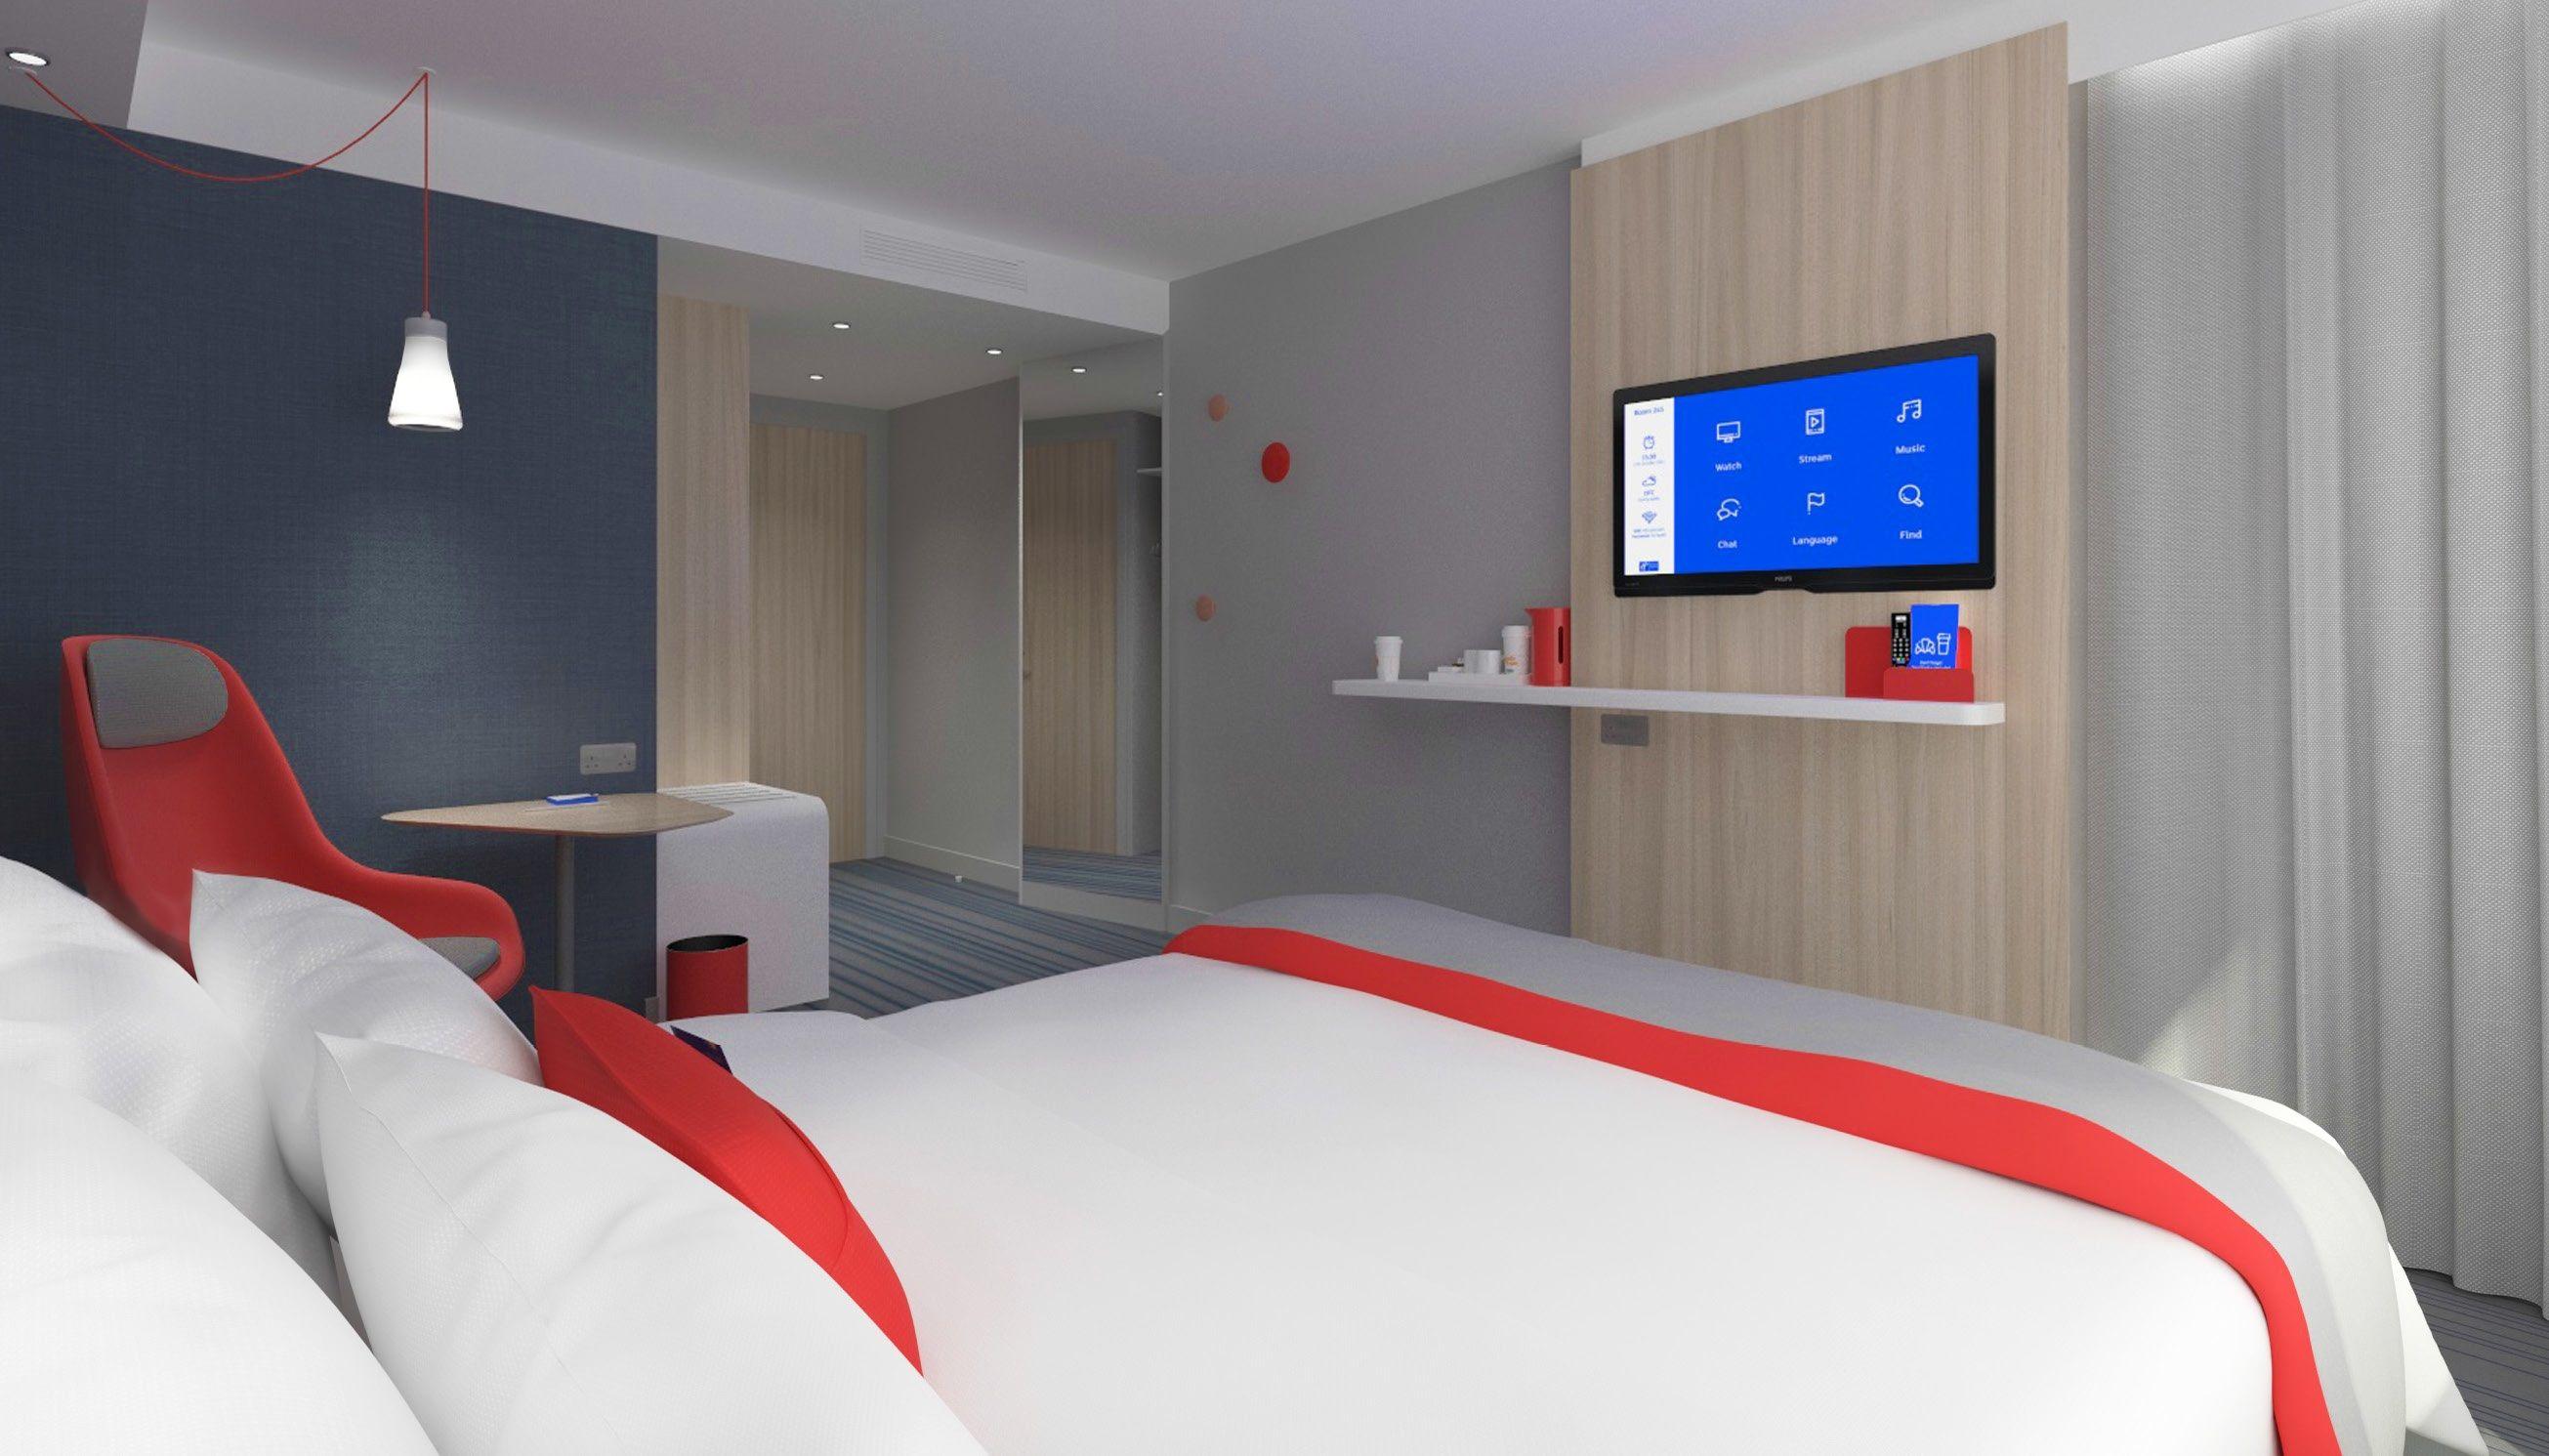 Holiday Inn Express Istanbul Atakoy Metro Otel Holiday Inn Express In Yeni Konseptinden Gelen Modern Tasarimi Ve Dinamik Renkleriyle Buyuluyor Simdiden Buyu